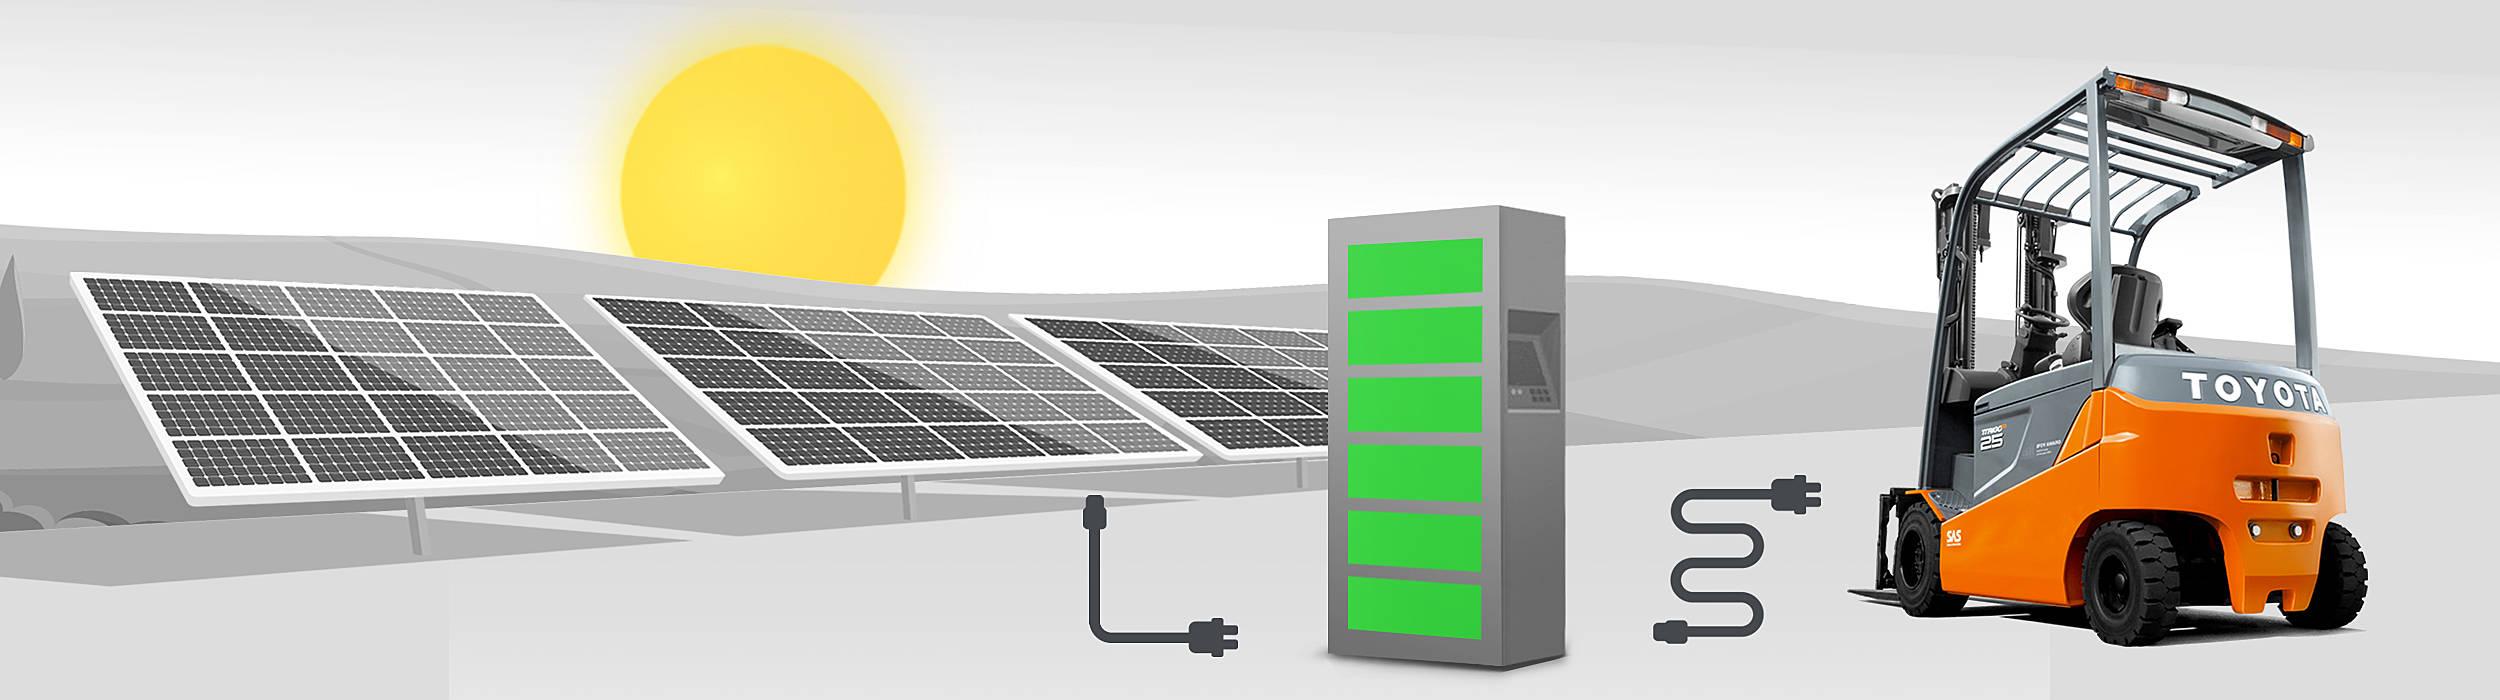 Toyota og Eneo Solutions samarbejder om solenergiprogramtegiskt solprogram